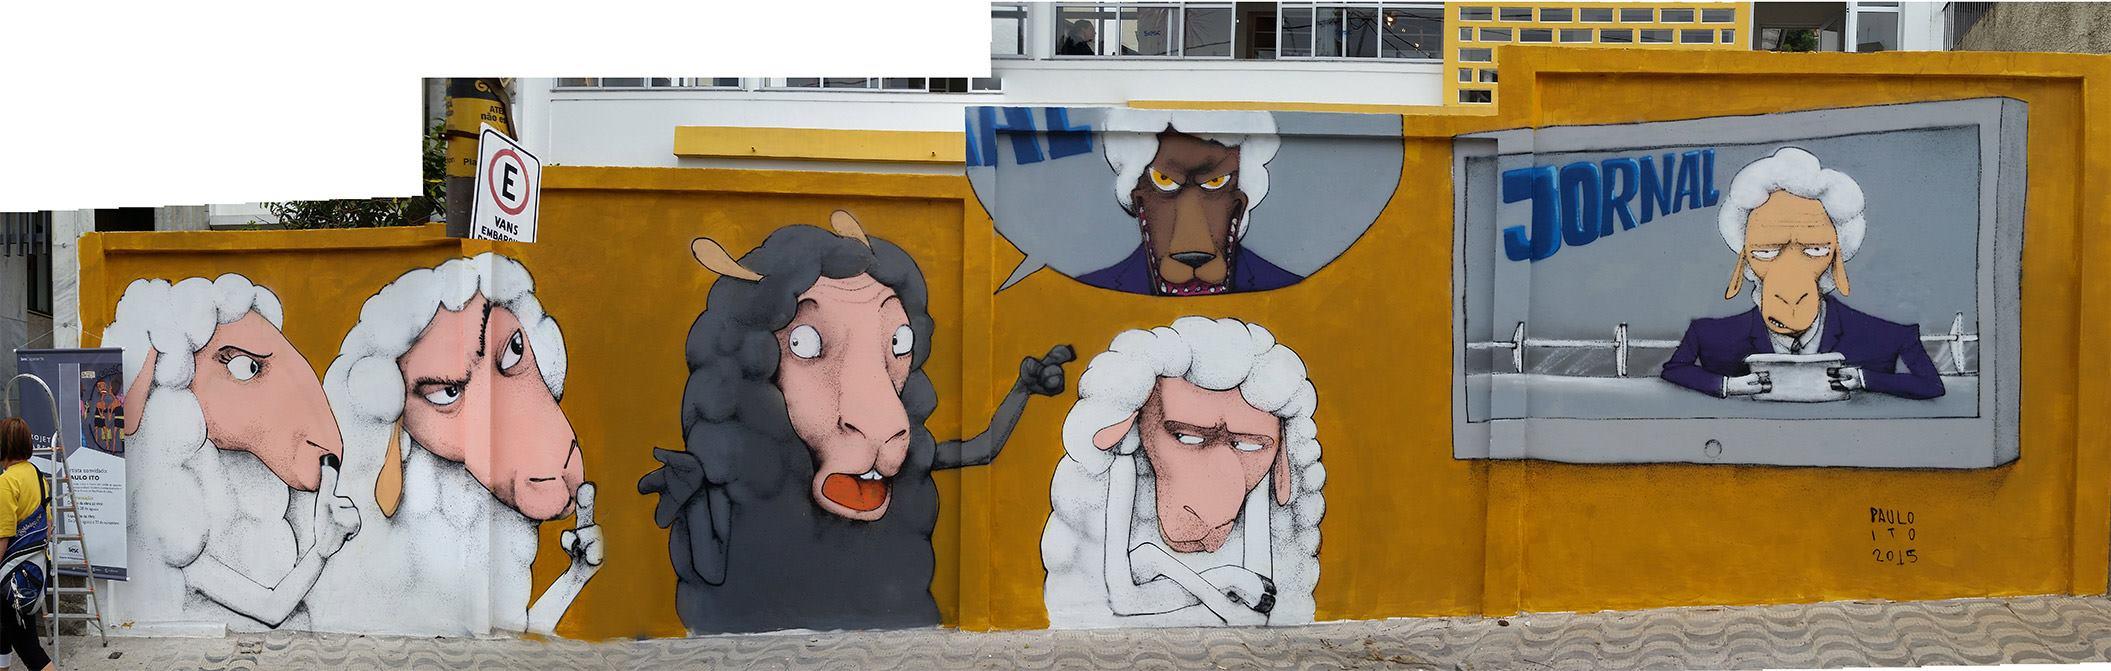 paulo-ito-graffiti-dionisio-arte-44